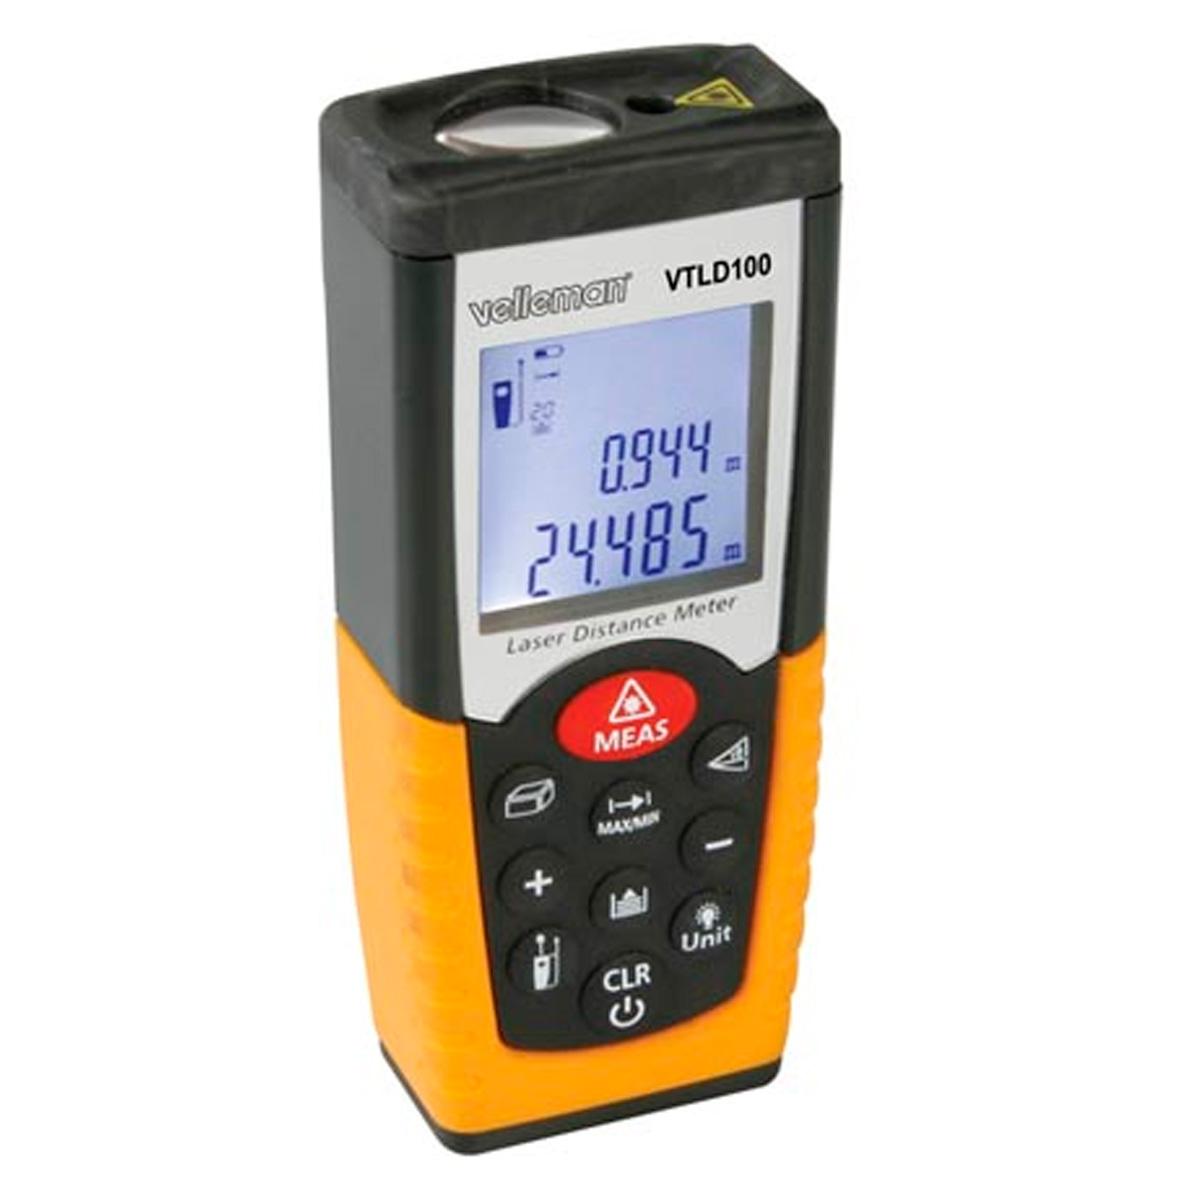 Medidor de distancia con laser de alta precision for Medidor de distancia laser